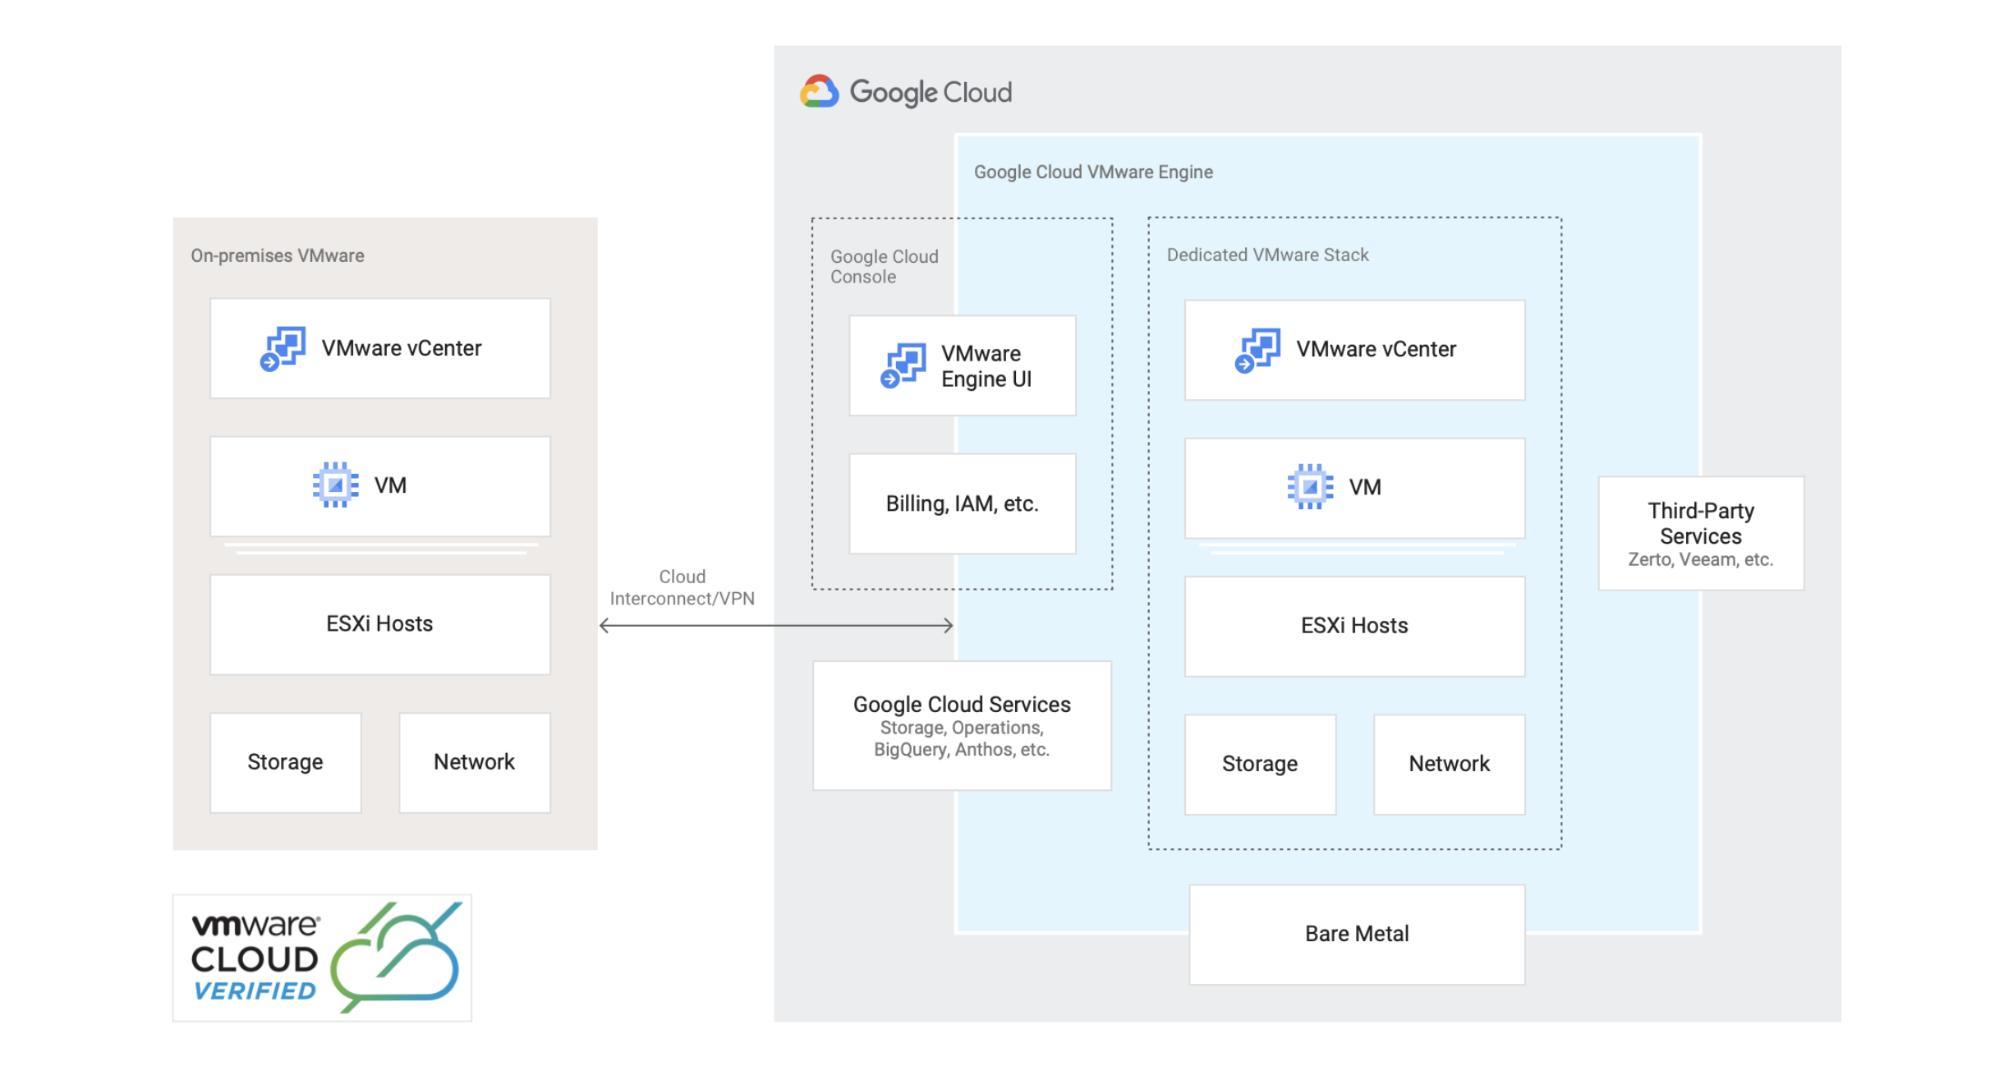 Arquitetura de referência que mostra como migrar ou estender seu ambiente VMware para o Google Cloud.